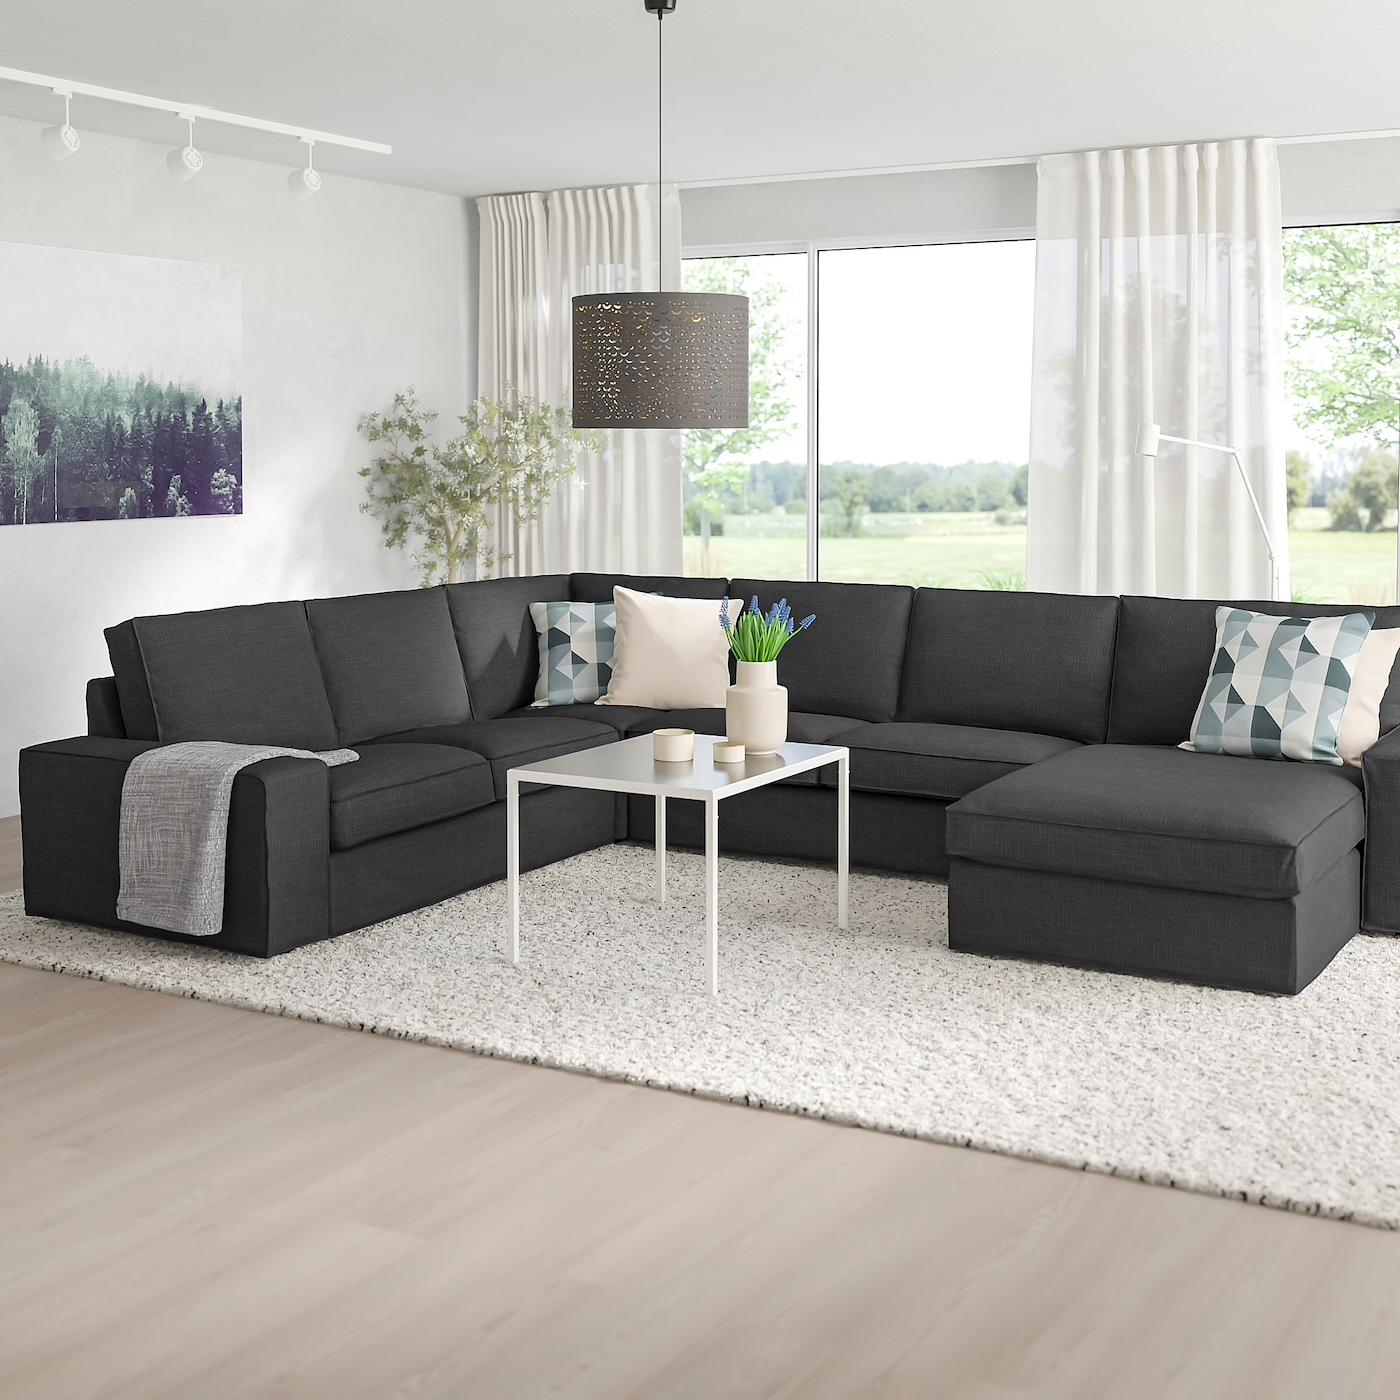 Divan Ikea In 2020 Hoekbank Chaise Longue Woonkamerbank